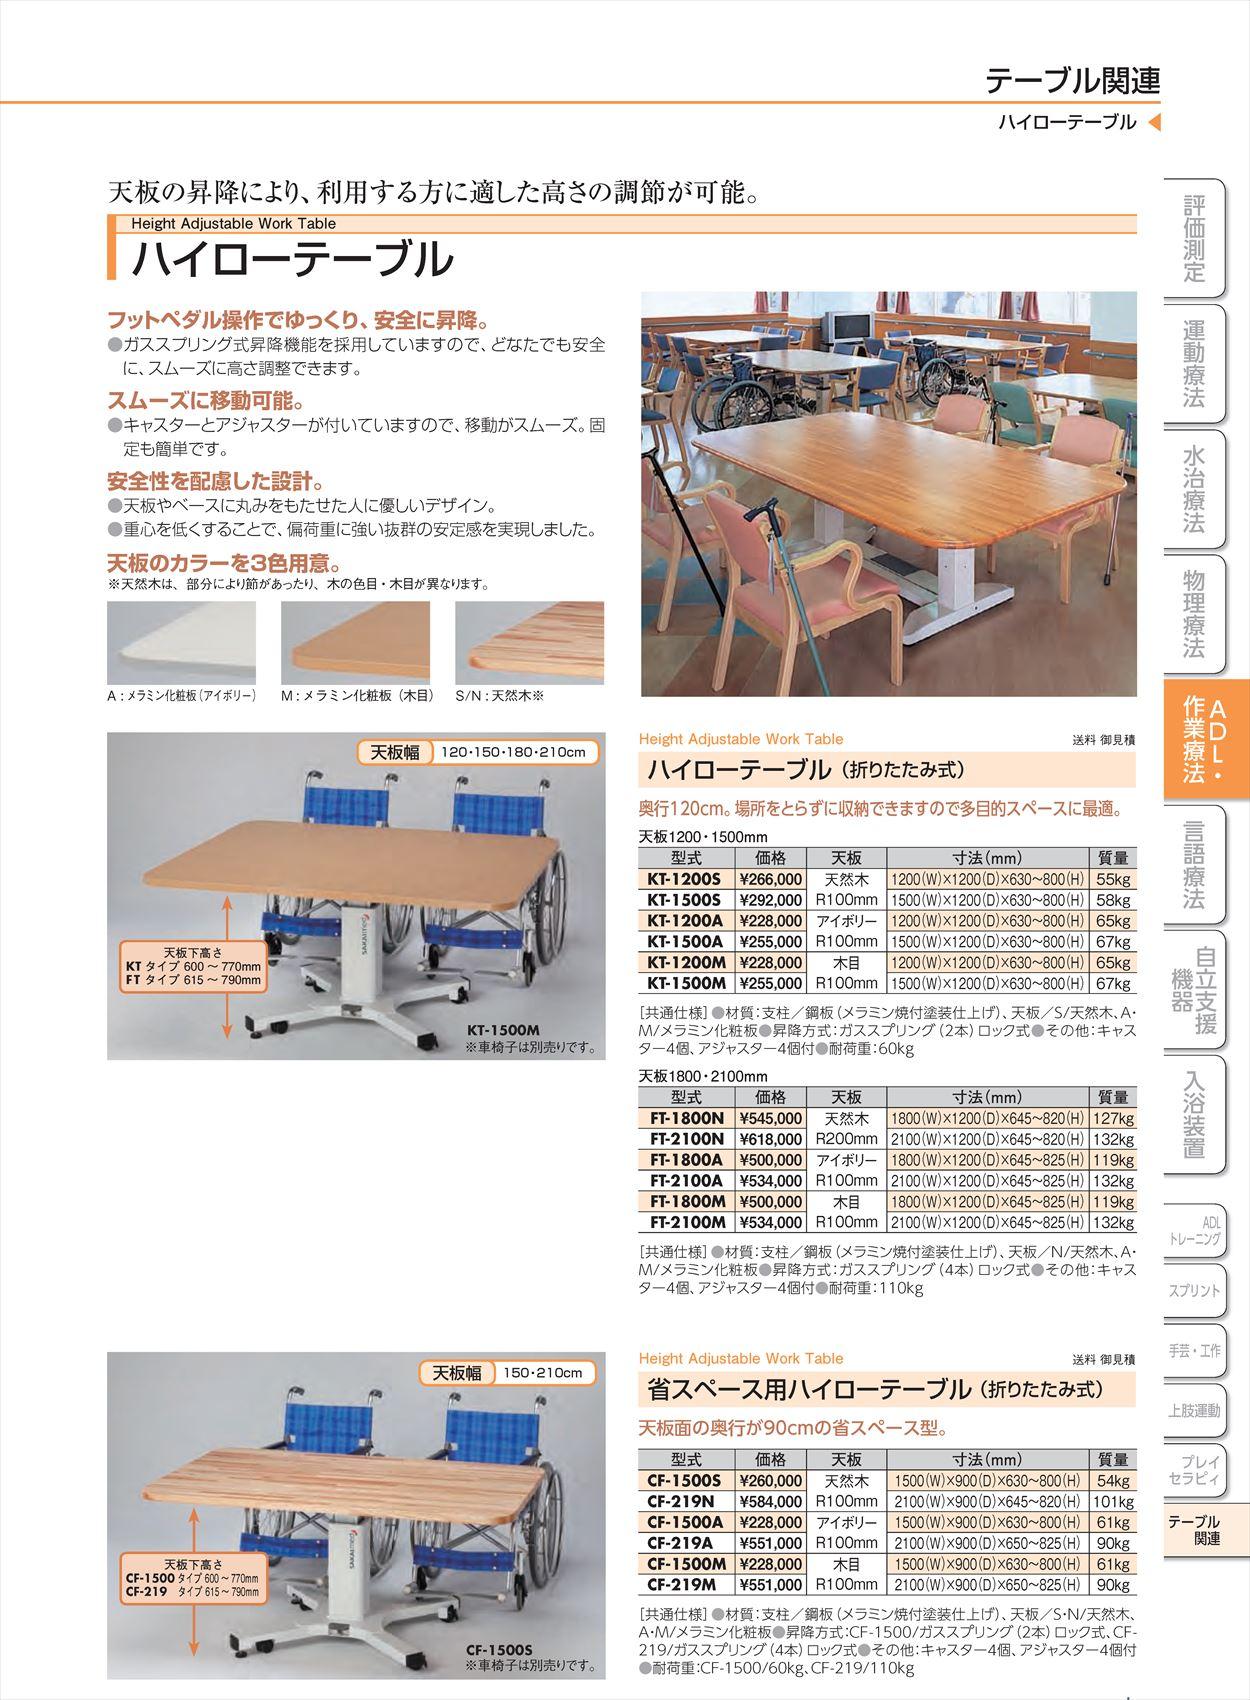 ハイローテーブルKT-1200M[台](sa14Q31643)【酒井医療】